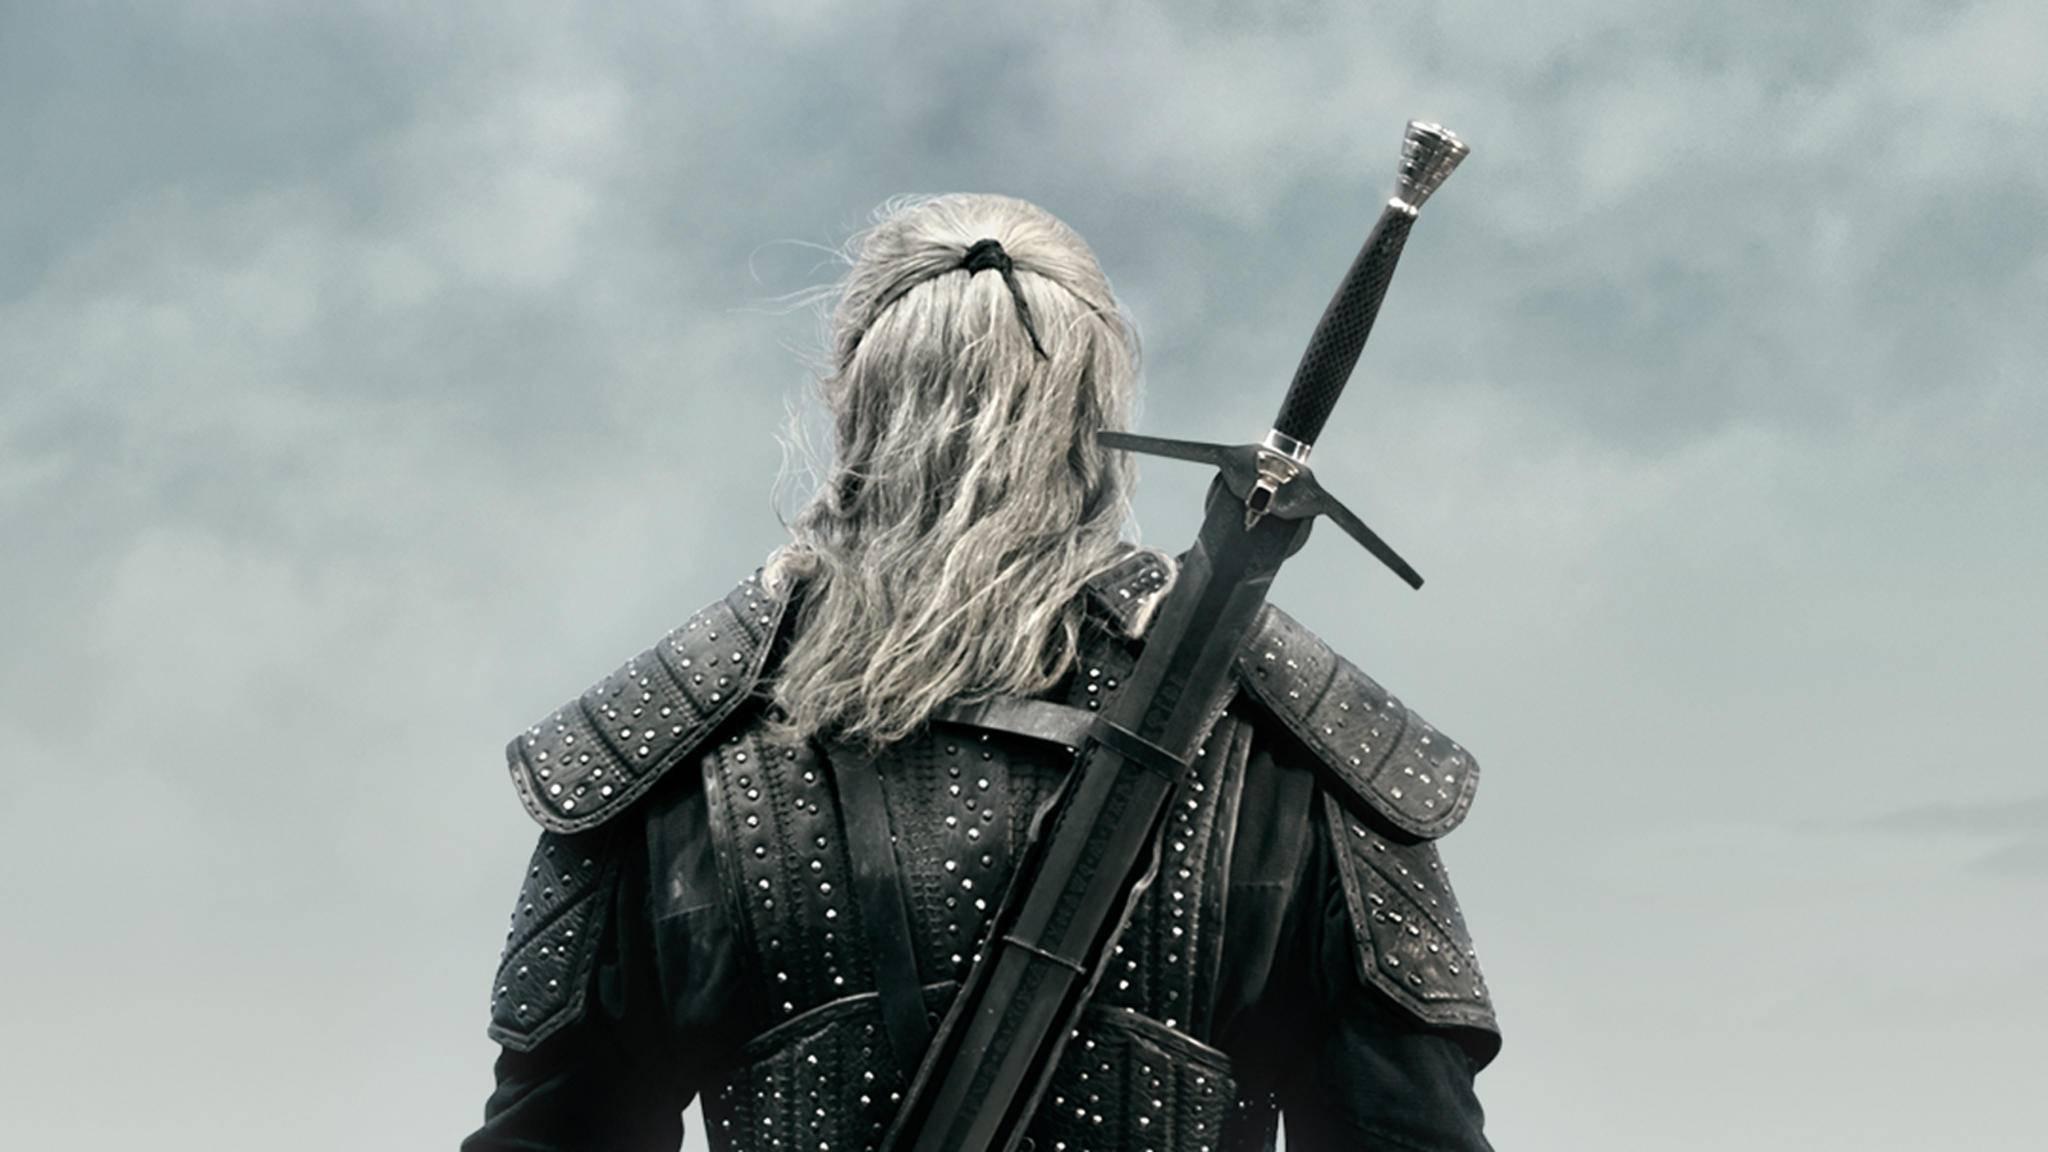 Auch ein schöner Rücken kann entzücken: Henry Cavill als Geralt von Riva.